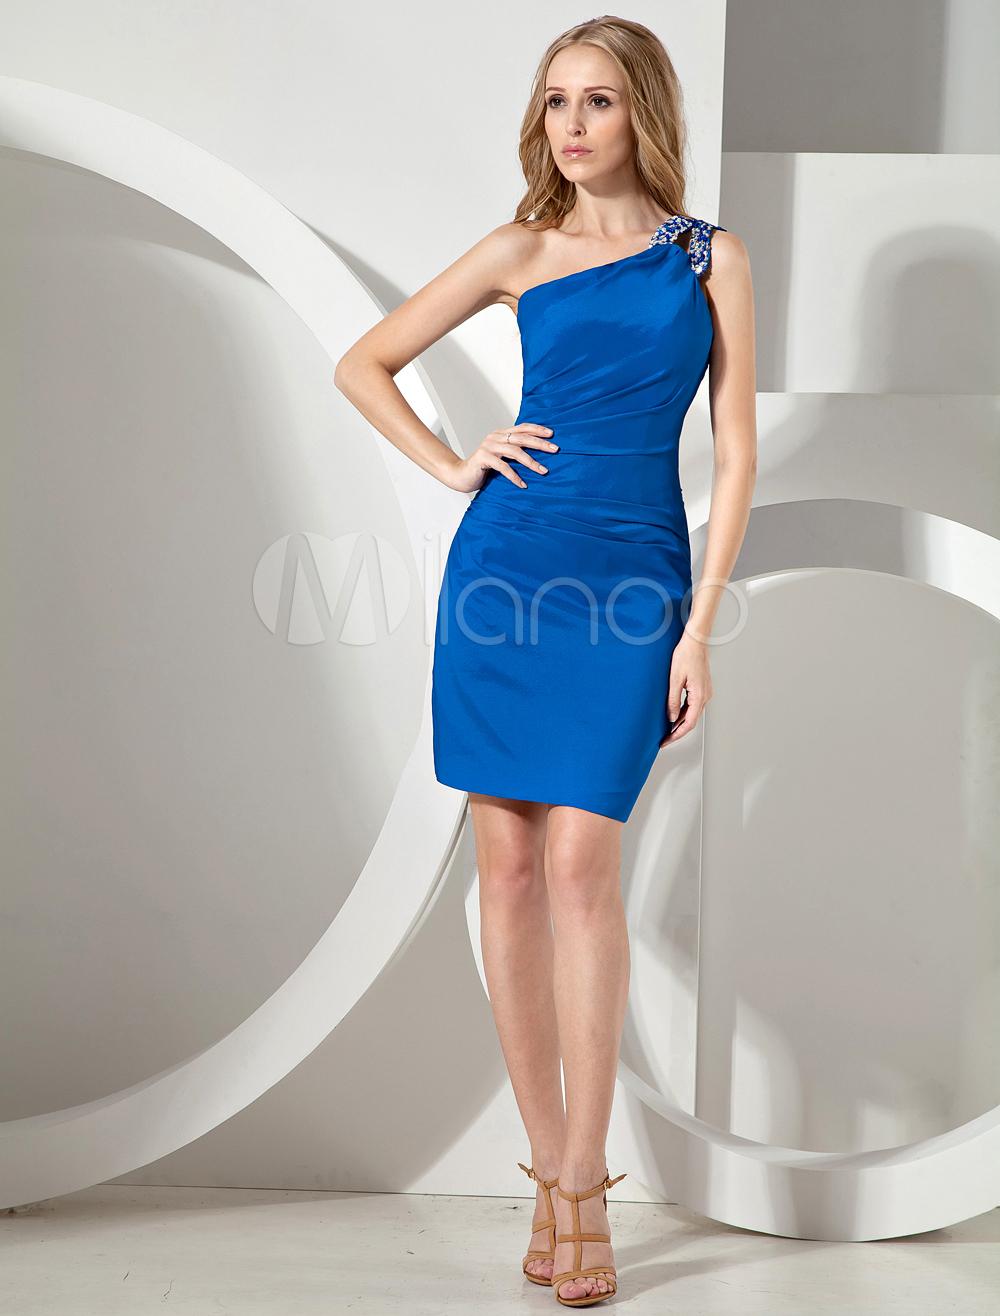 Royal Blue One-Shoulder Elastic Woven Satin Cocktail Dress